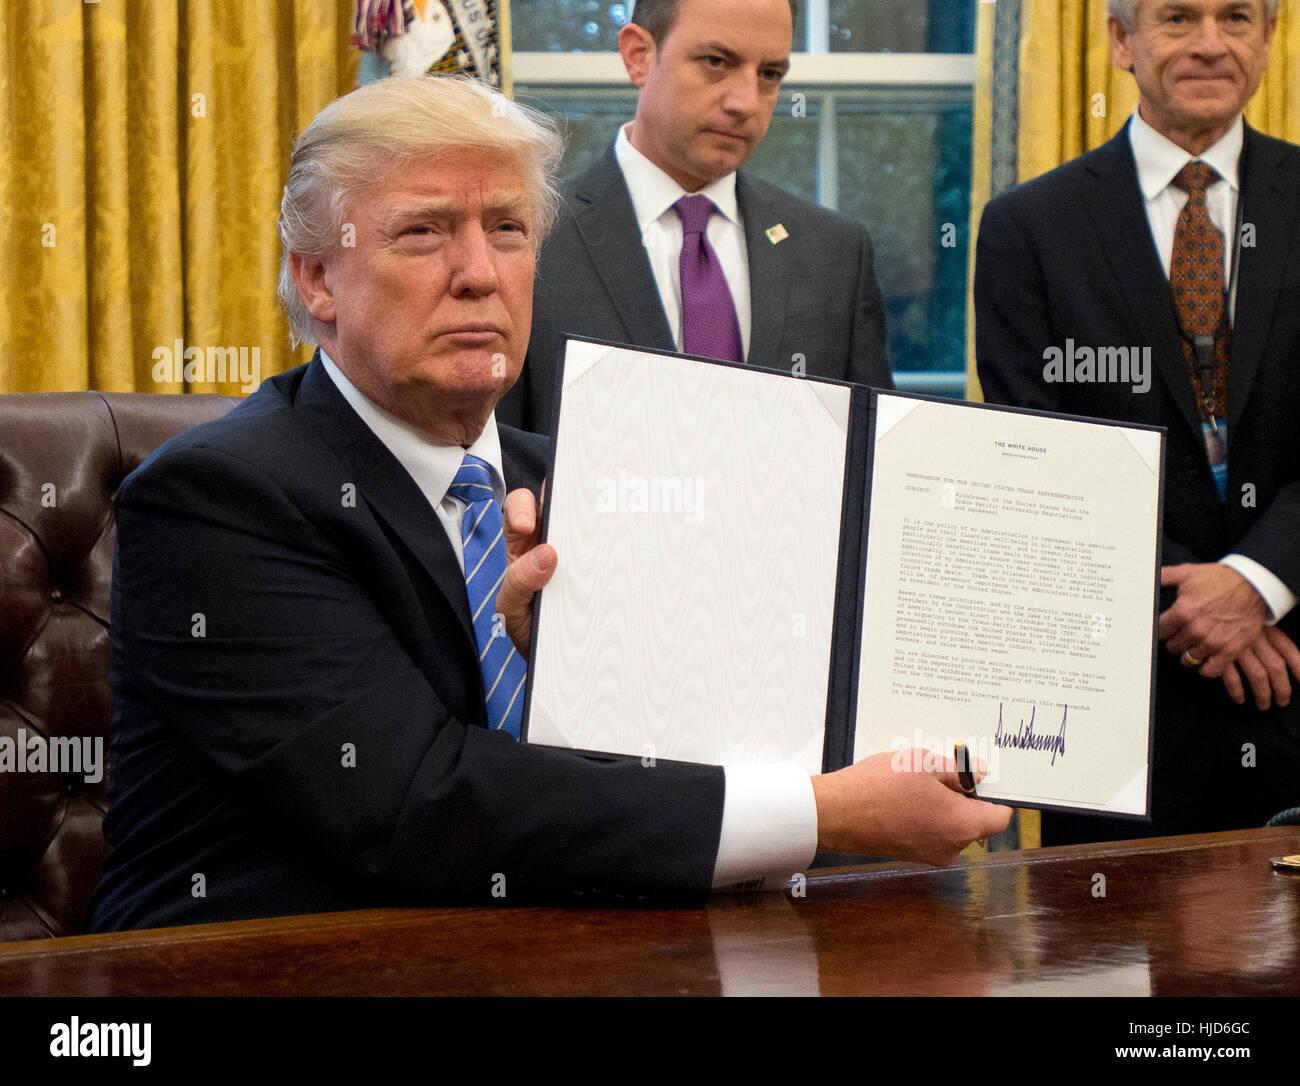 L'avortement à l'étranger. 23 Jan, 2017. Le Président des Etats-Unis, Donald Trump montre Photo Stock